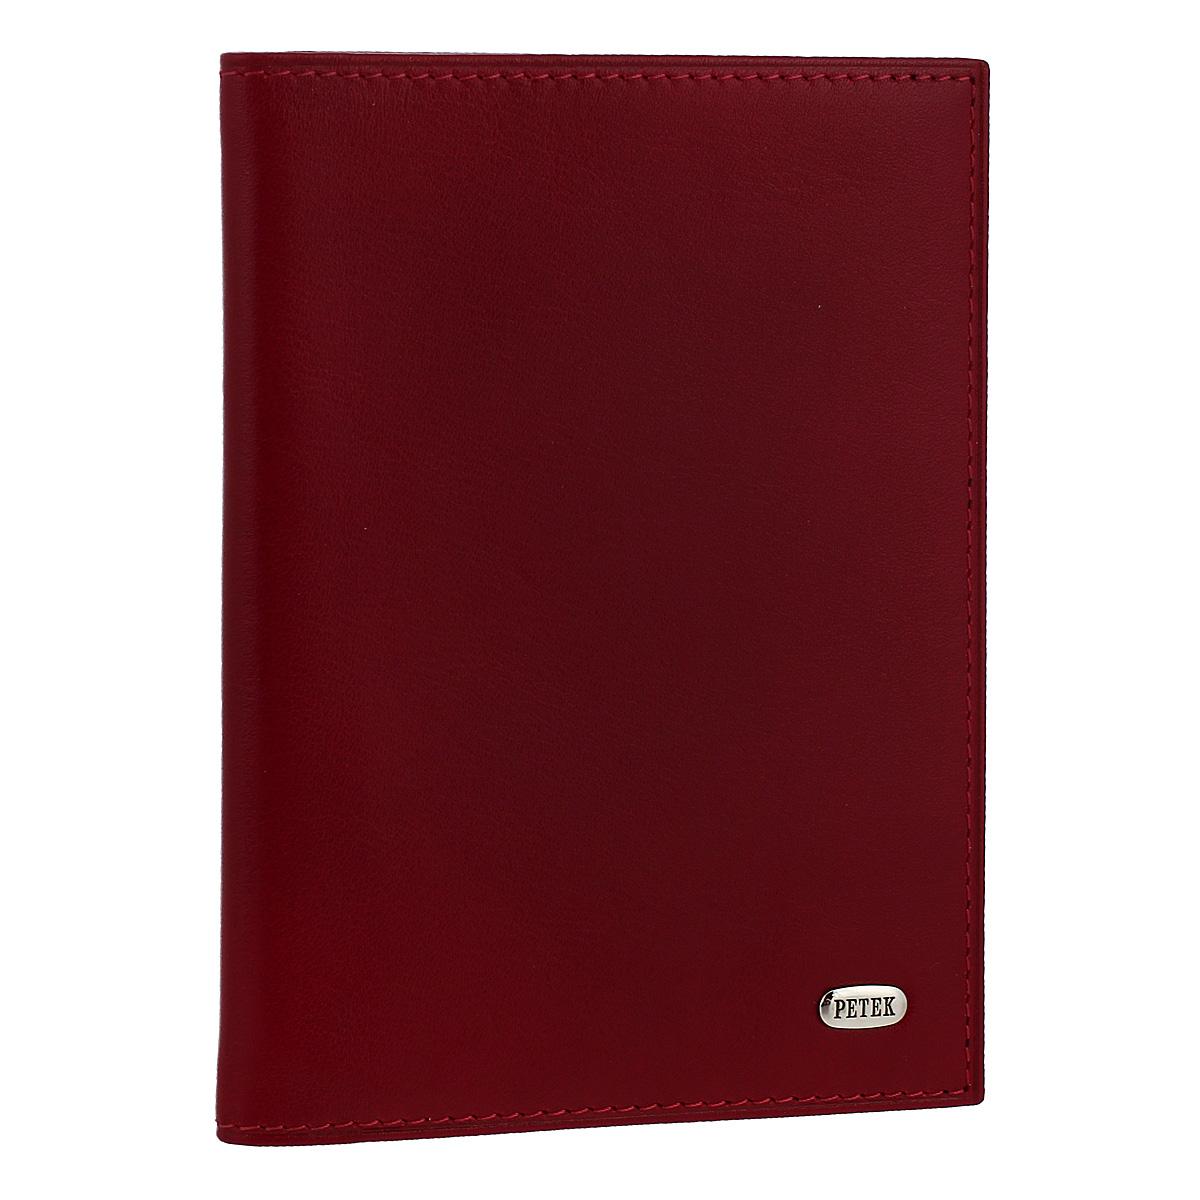 Обложка на автодокументы Red, цвет: красный. 584.4000.10584.4000.10 RedОбложка на автодокументы Red, выполненная из натуральной кожи, не только поможет сохранить внешний вид ваших документов и защитит их от повреждений, но и станет стильным аксессуаром, идеально подходящим вашему образу. Внутри четыре прорезных кармана для кредитных карт, удобный блок для водительских документов из прозрачного пластика и пять карманов для бумаг из прозрачного пластика. Такая обложка станет замечательным подарком человеку, ценящему качественные и практичные вещи. Характеристики:Материал: натуральная кожа, пластик. Размер обложки: 9 см х 12,5 см х 1 см. Цвет: красный.